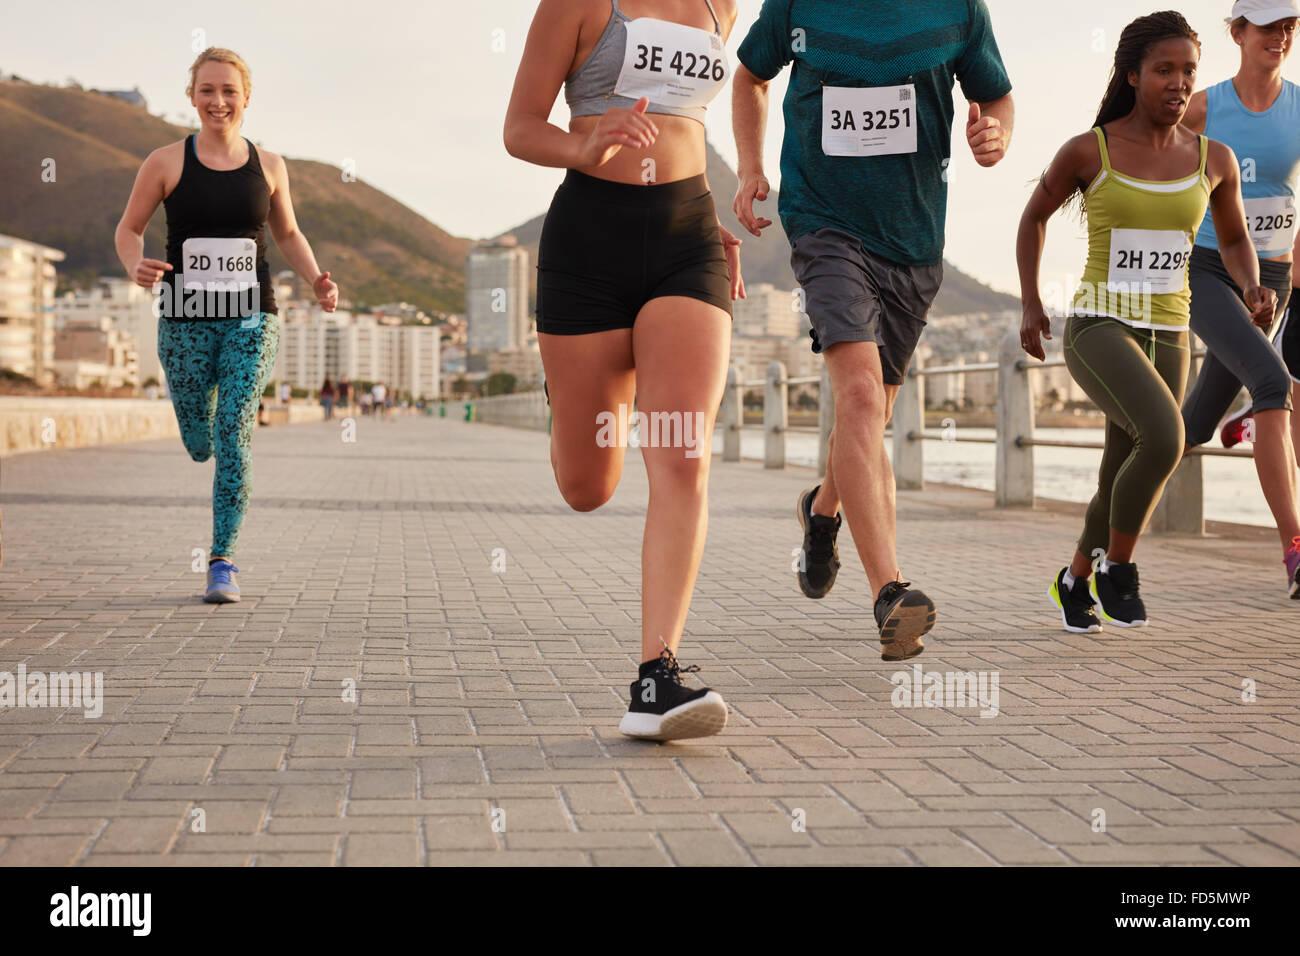 Variegato gruppo di corridori per competere in una gara. Gli atleti in volata su una strada lungo il mare. Immagini Stock